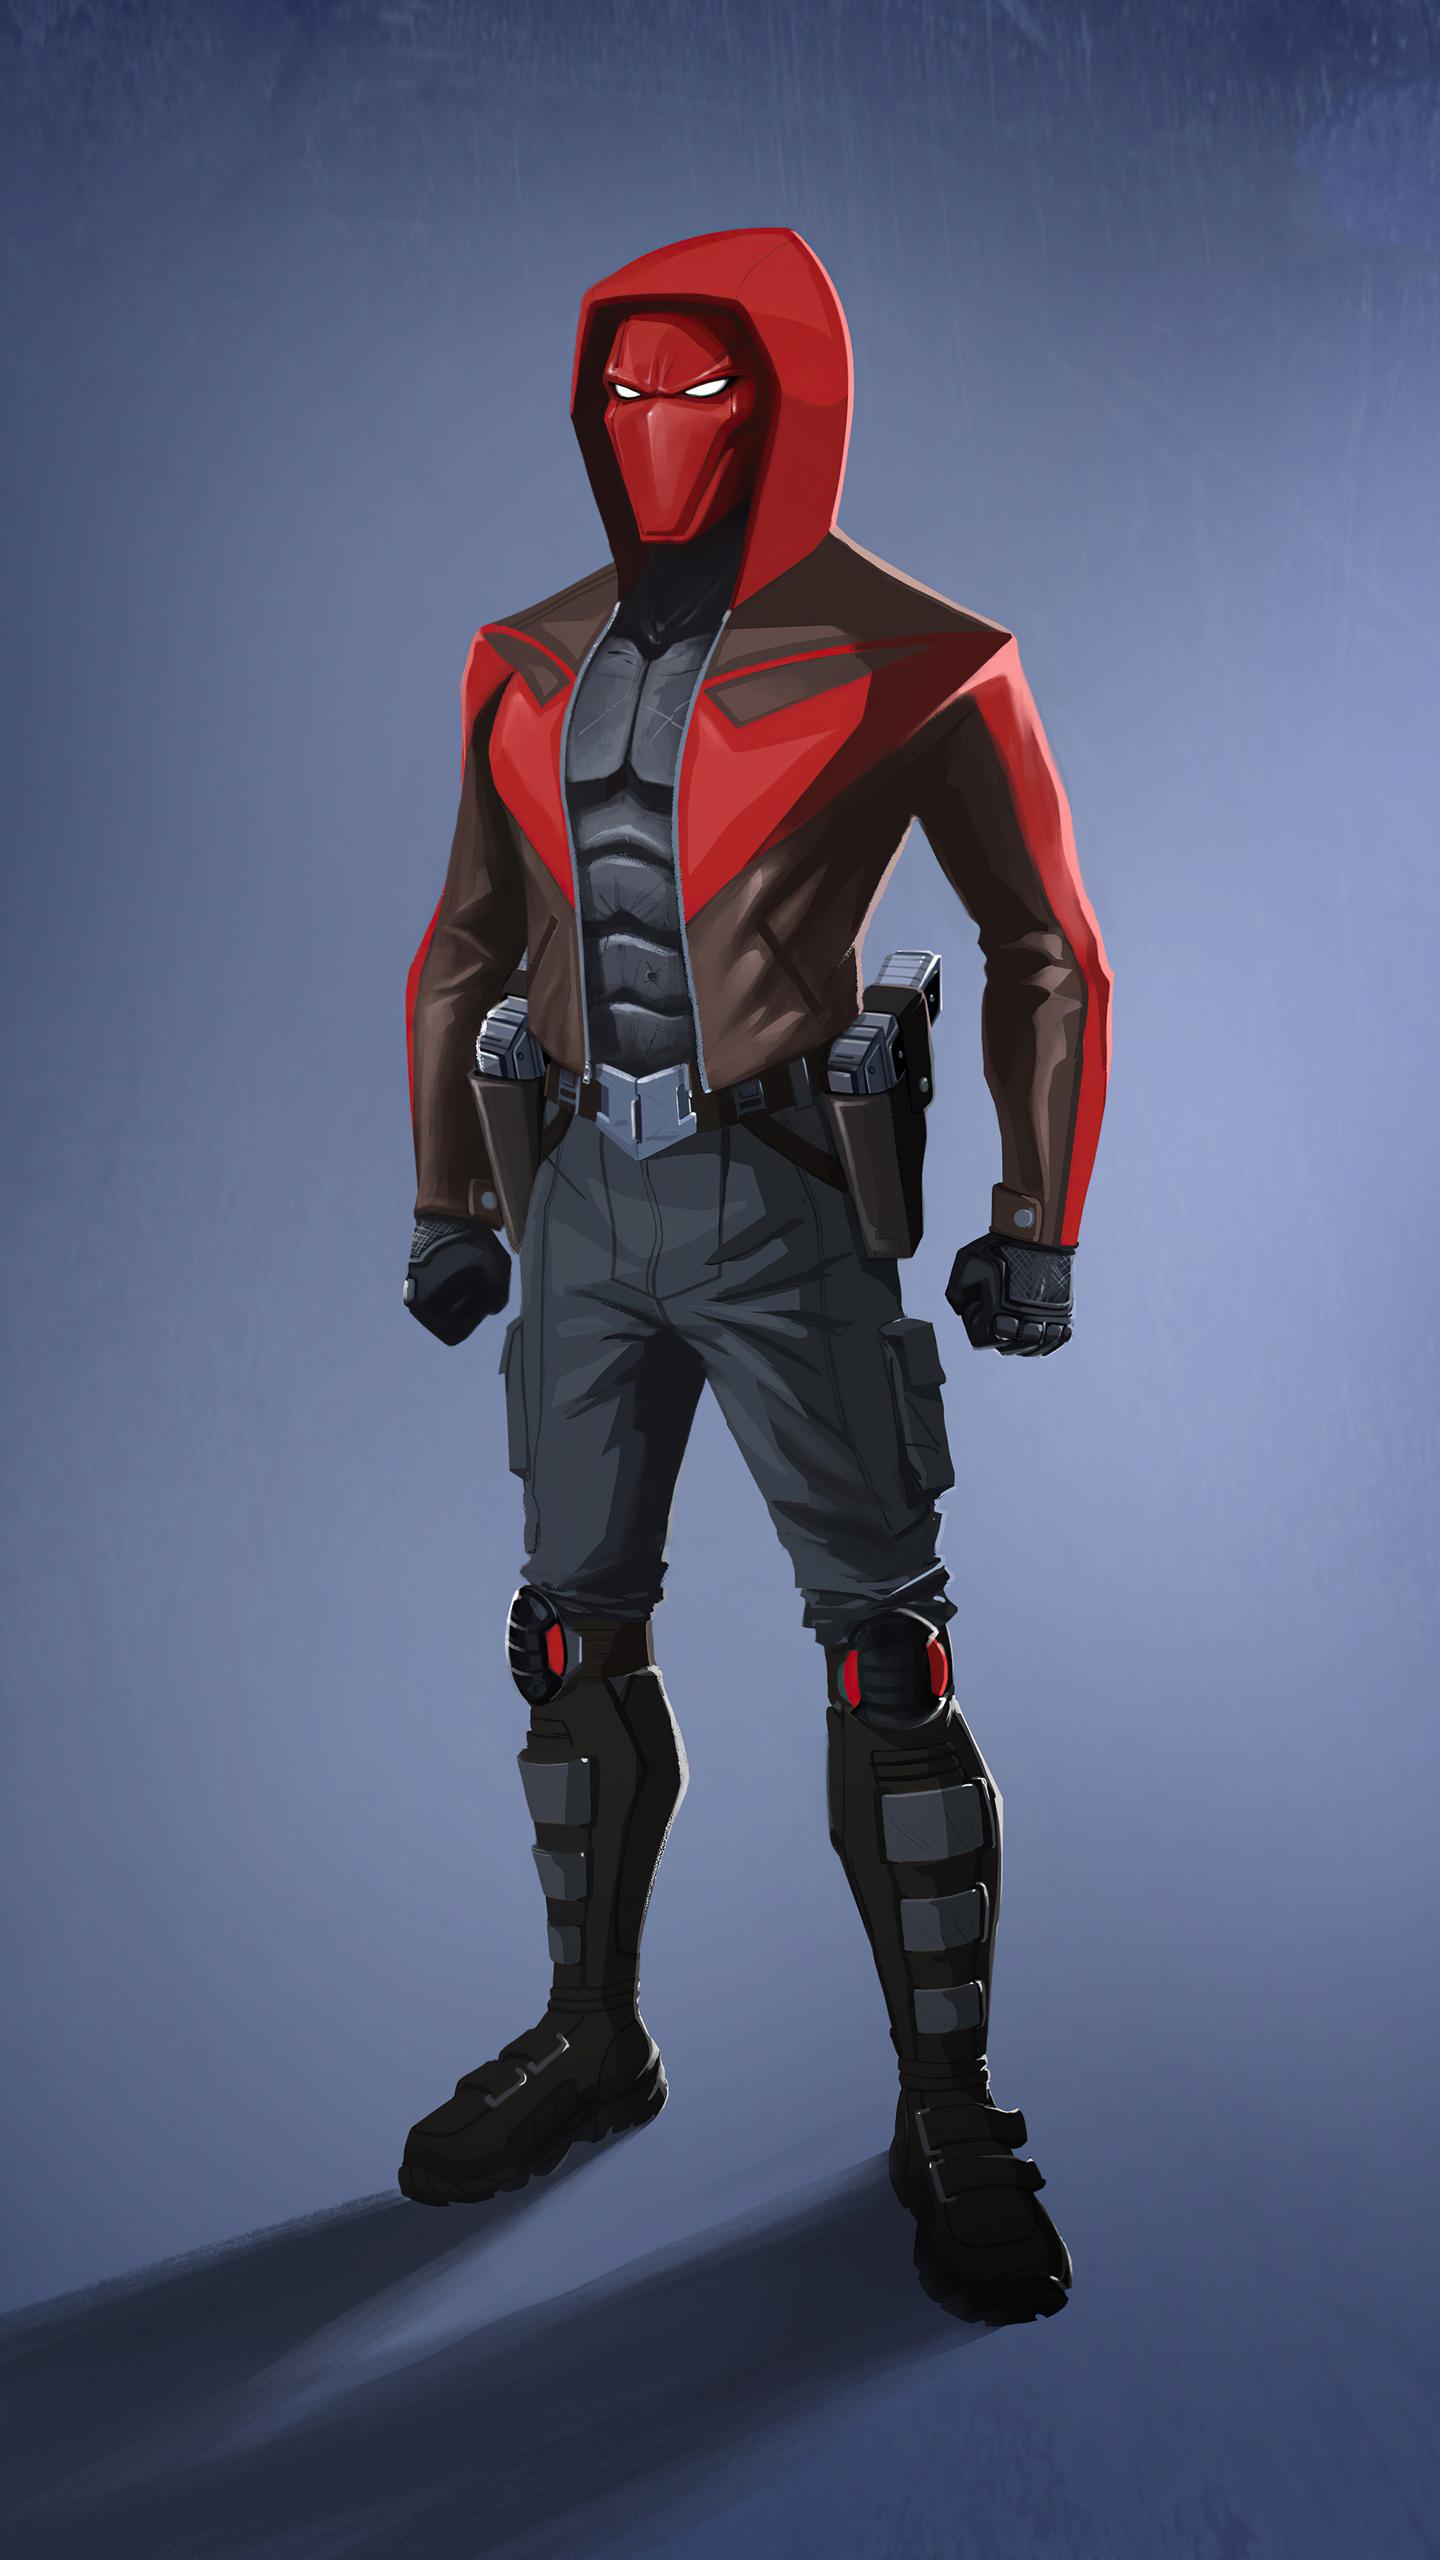 red-hood-superhero-r3.jpg